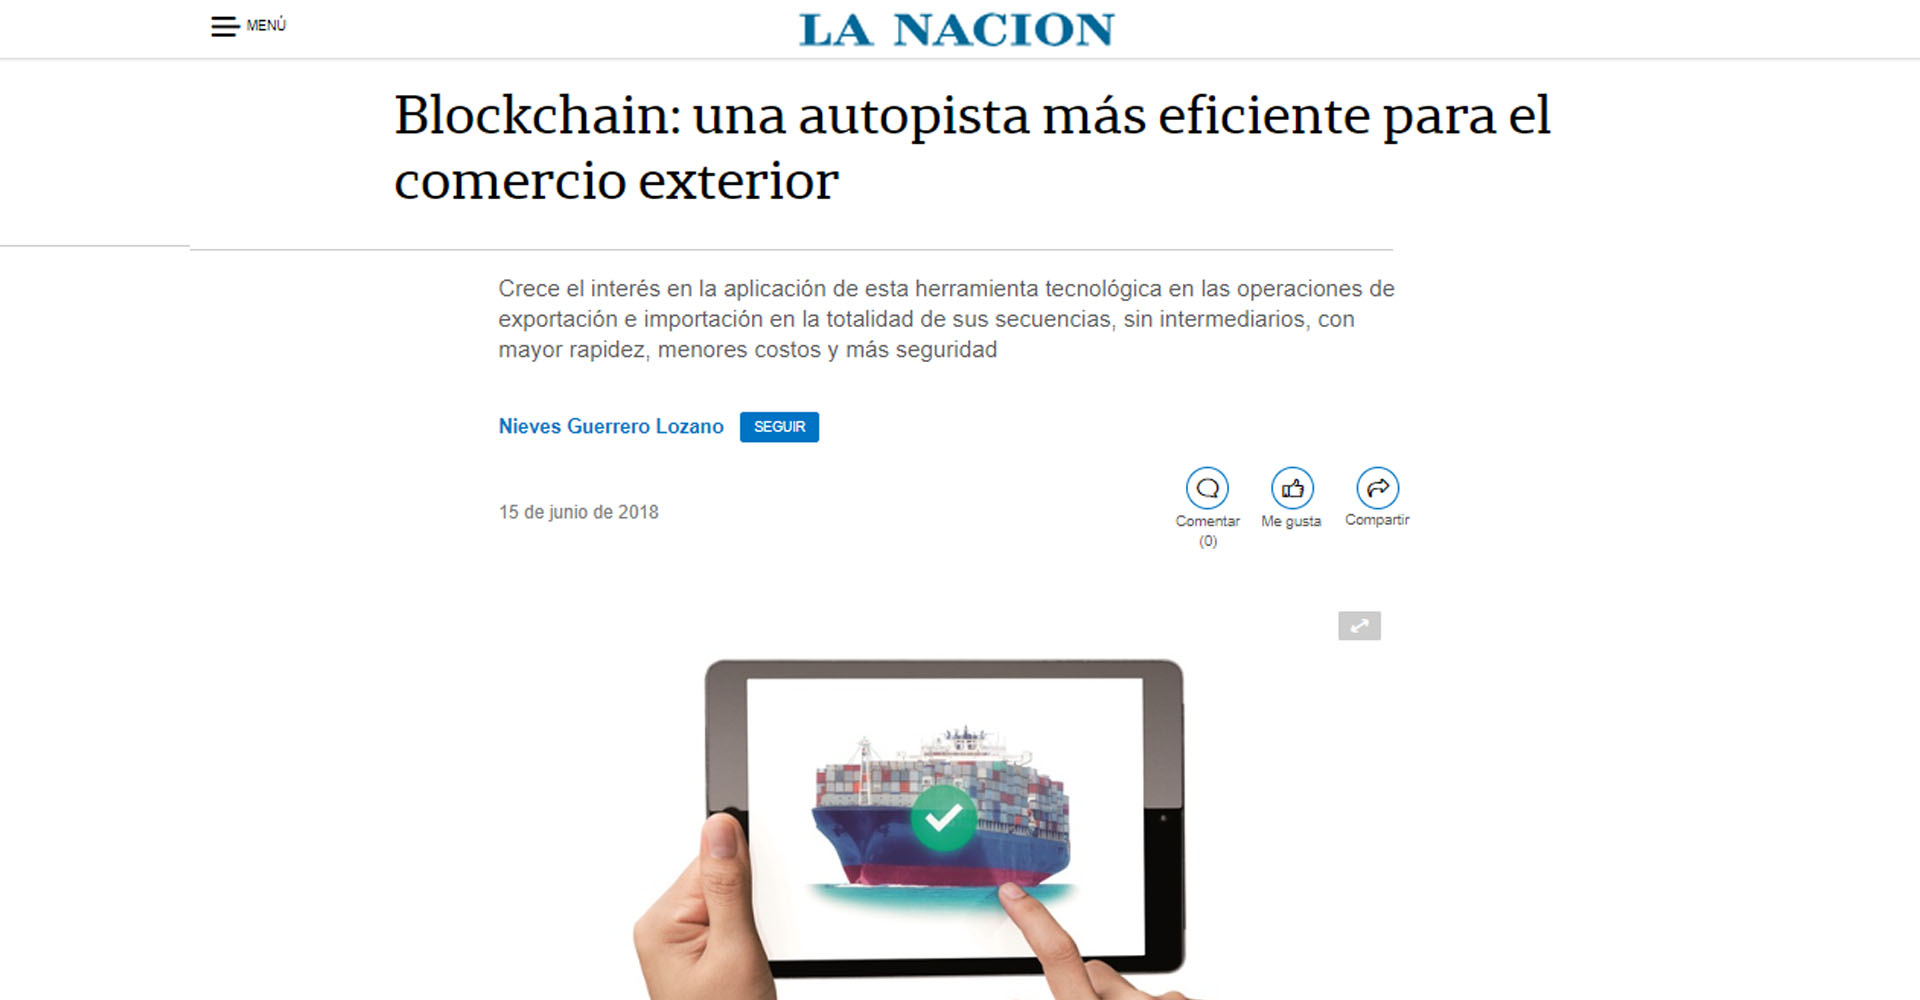 «Blockchain: Una autopista más eficiente para el comercio exterior»